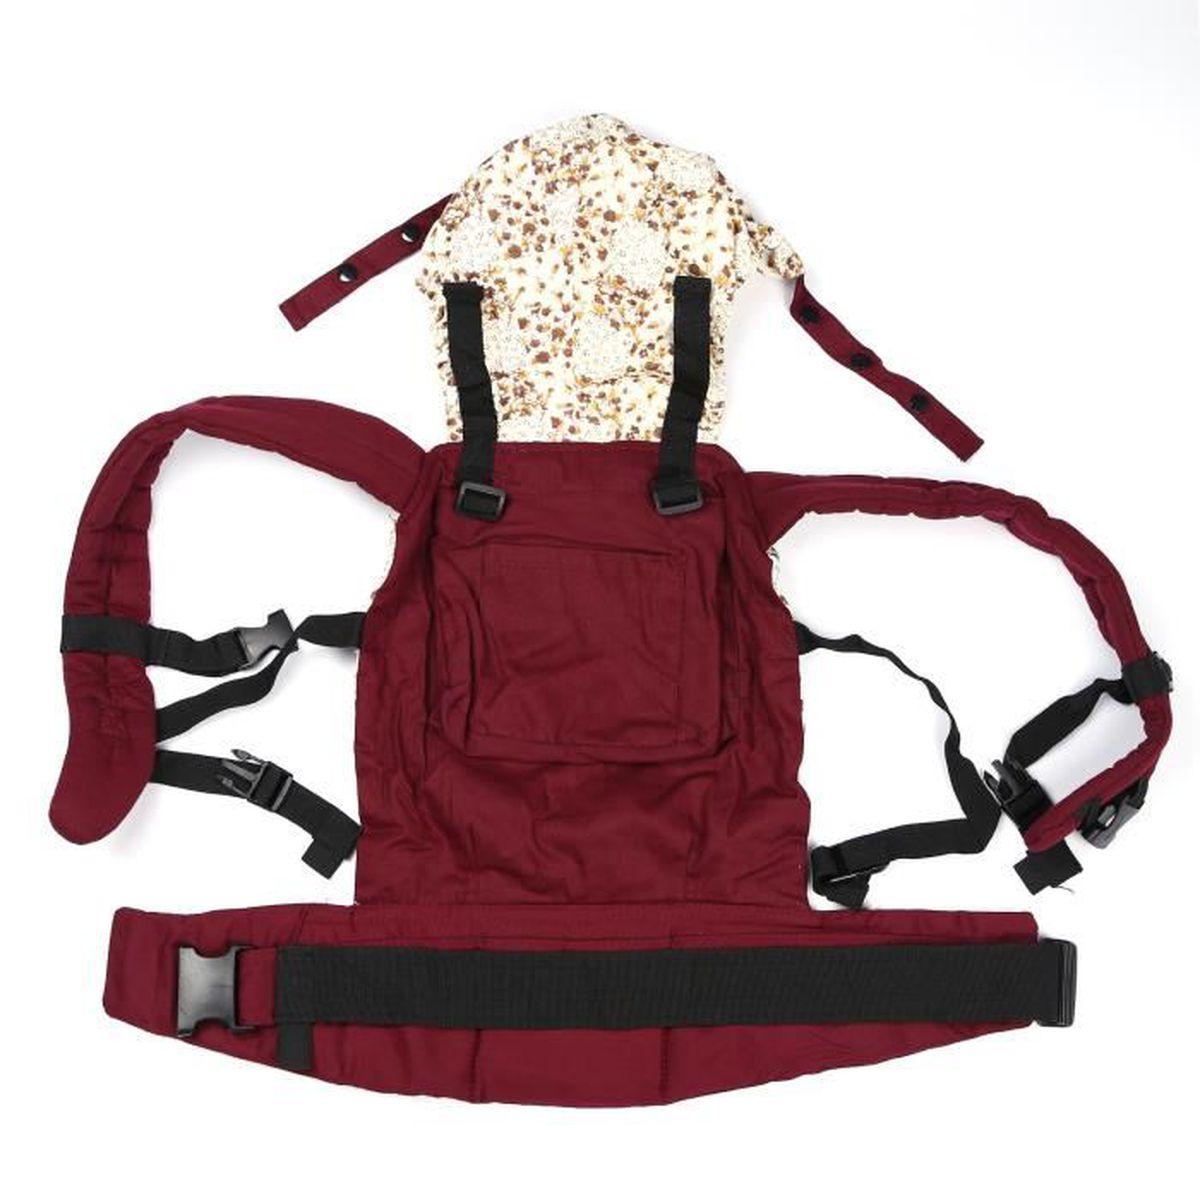 df4aeb1320e Porte Bébé Echarpe de Portage Ventral Dorsal Transporteur Sac Pour Enfant  Nouveau-né (Rouge foncé)